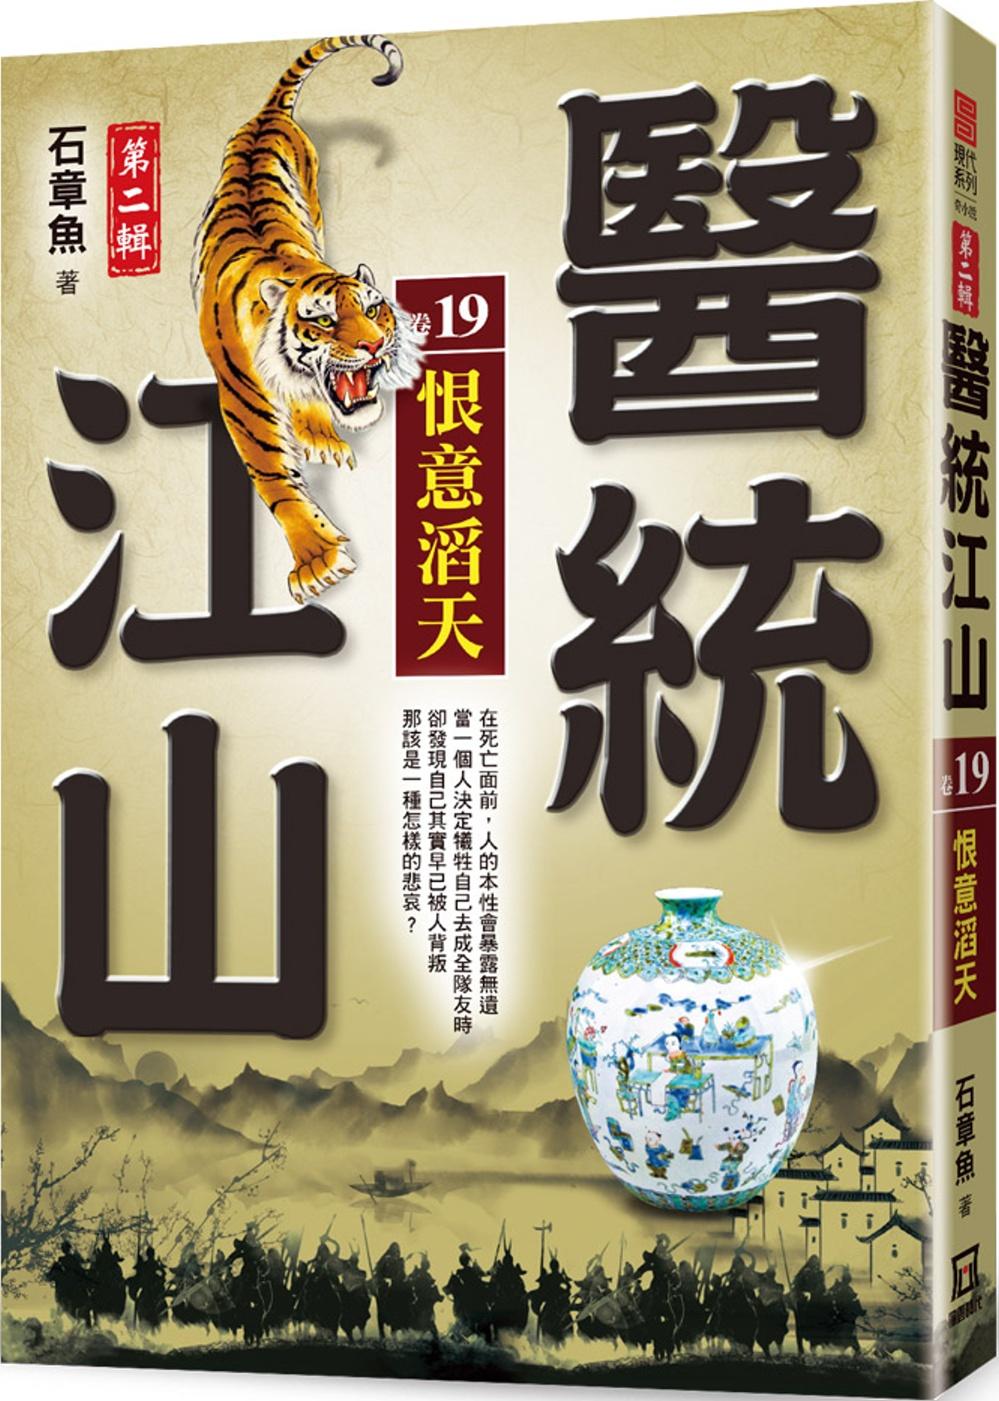 醫統江山Ⅱ之19【恨意滔天】